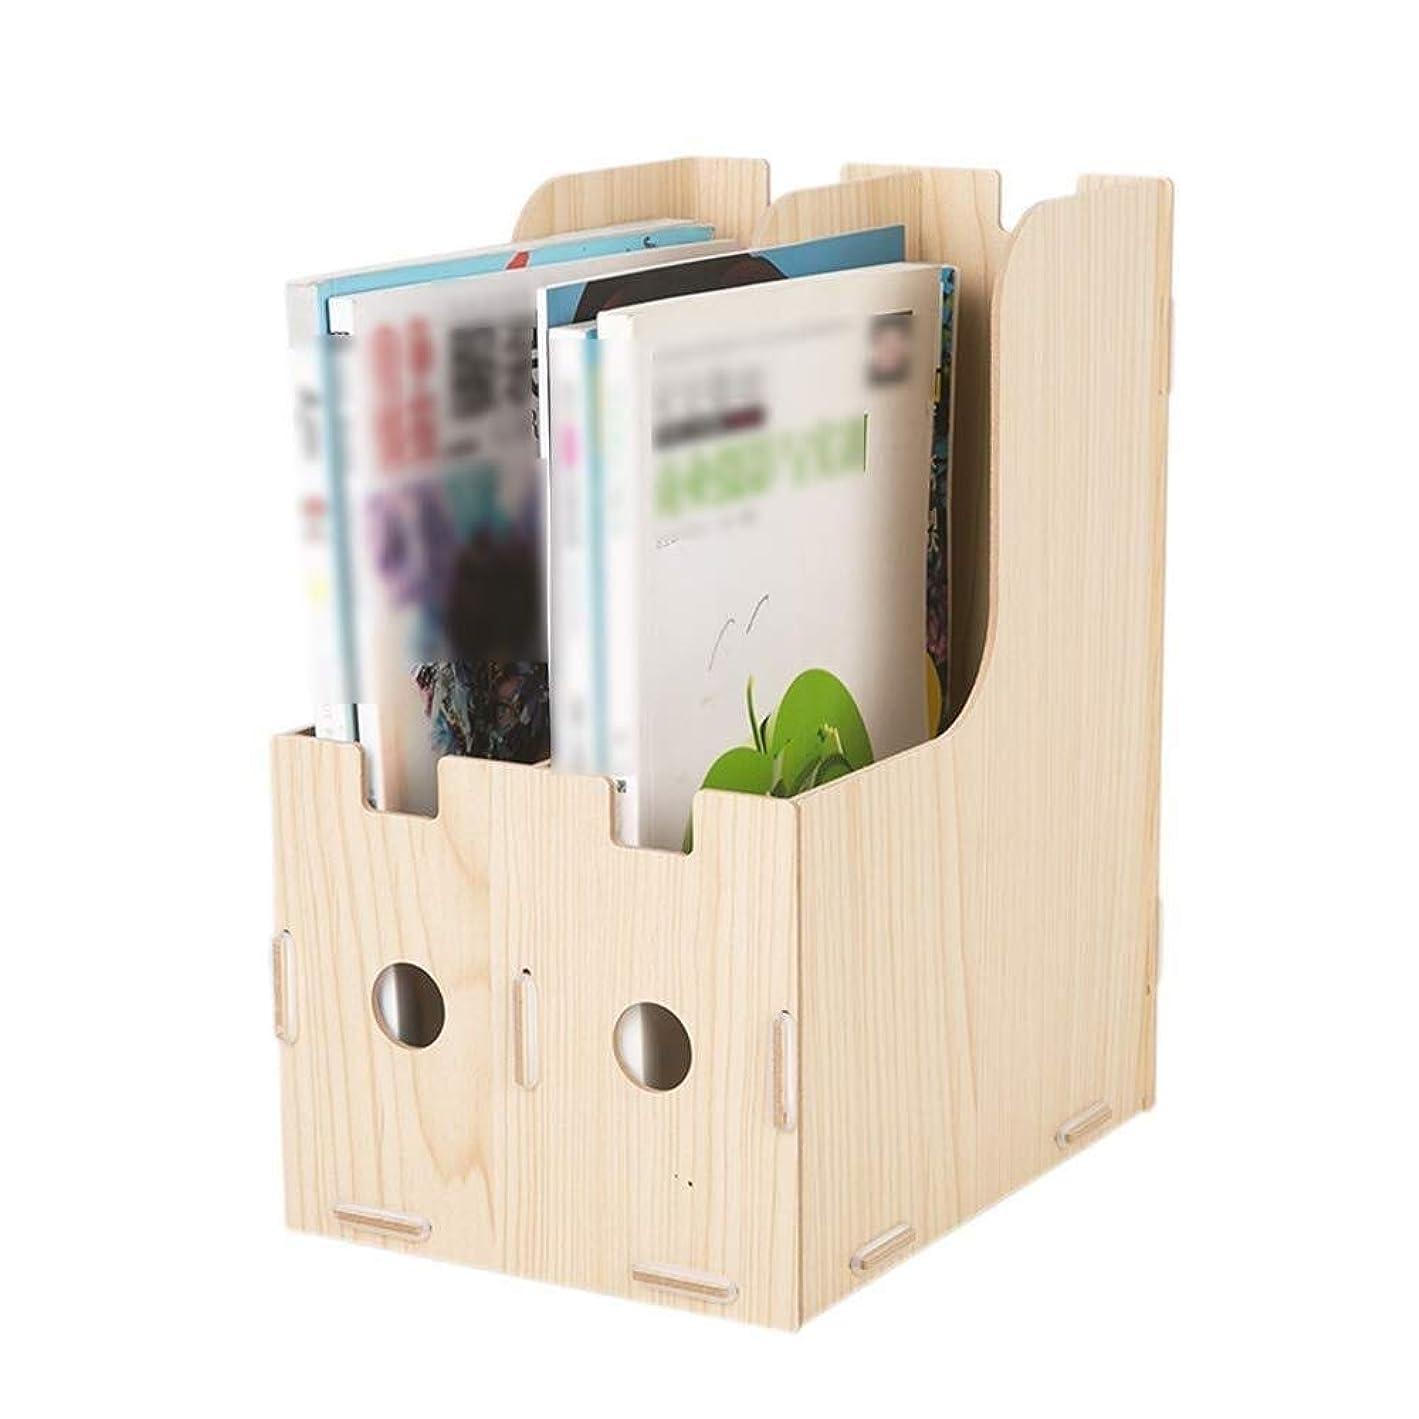 行列香りラテンFJFSSHジュエリーギフトボックス 創意工夫本棚デスクの木製収納マニュアル品質DIY創意工夫を簡単にインストールするためのOfficeのストレージボックスデータフレーム FJFSSH